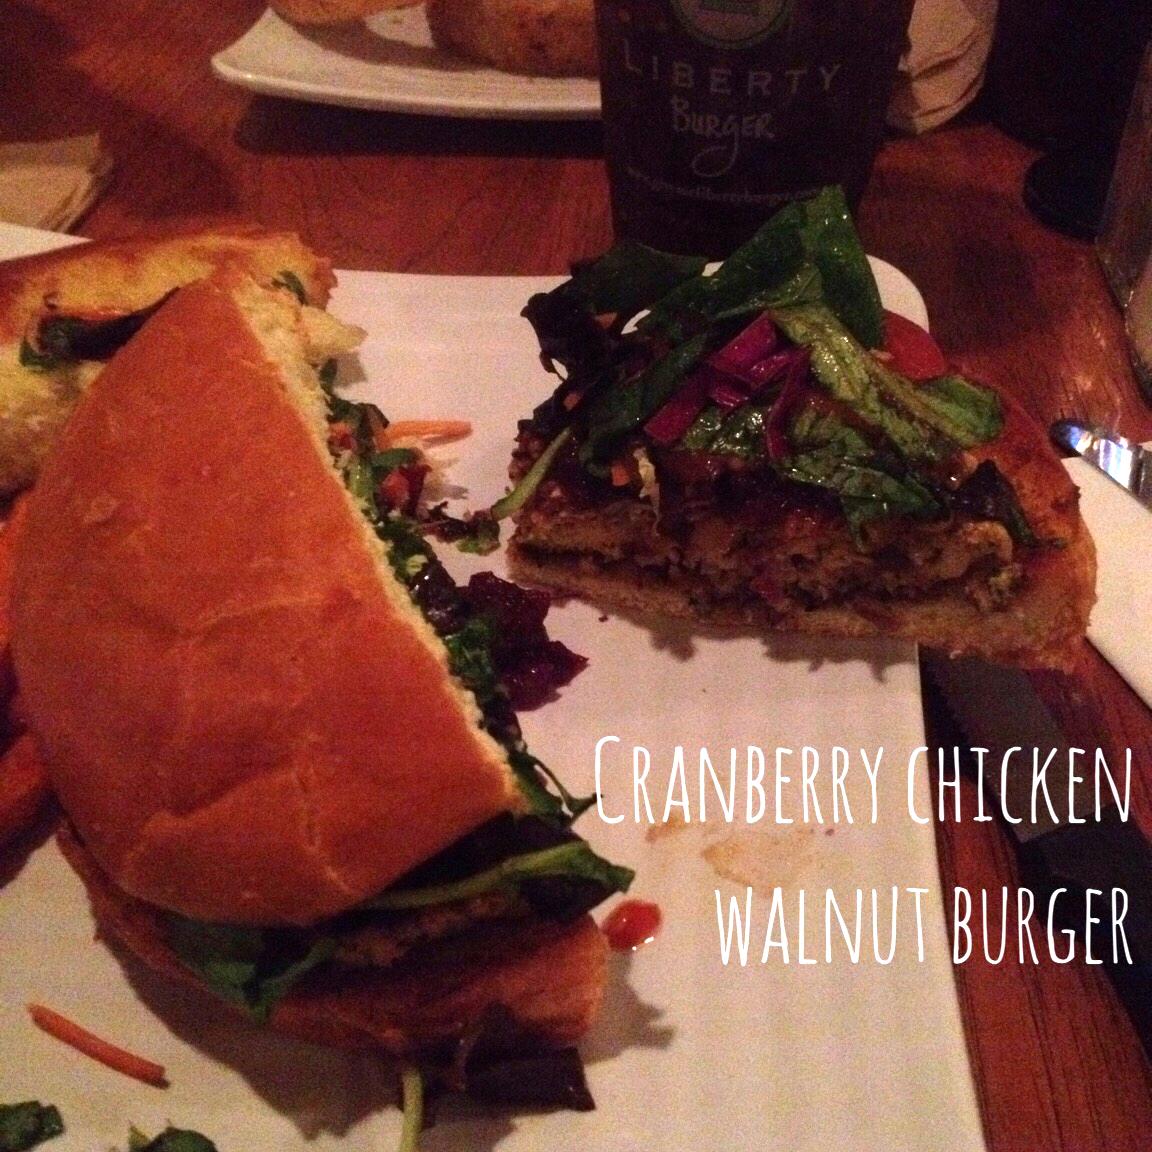 Cranberry chicken walnut burger from Liberty burger